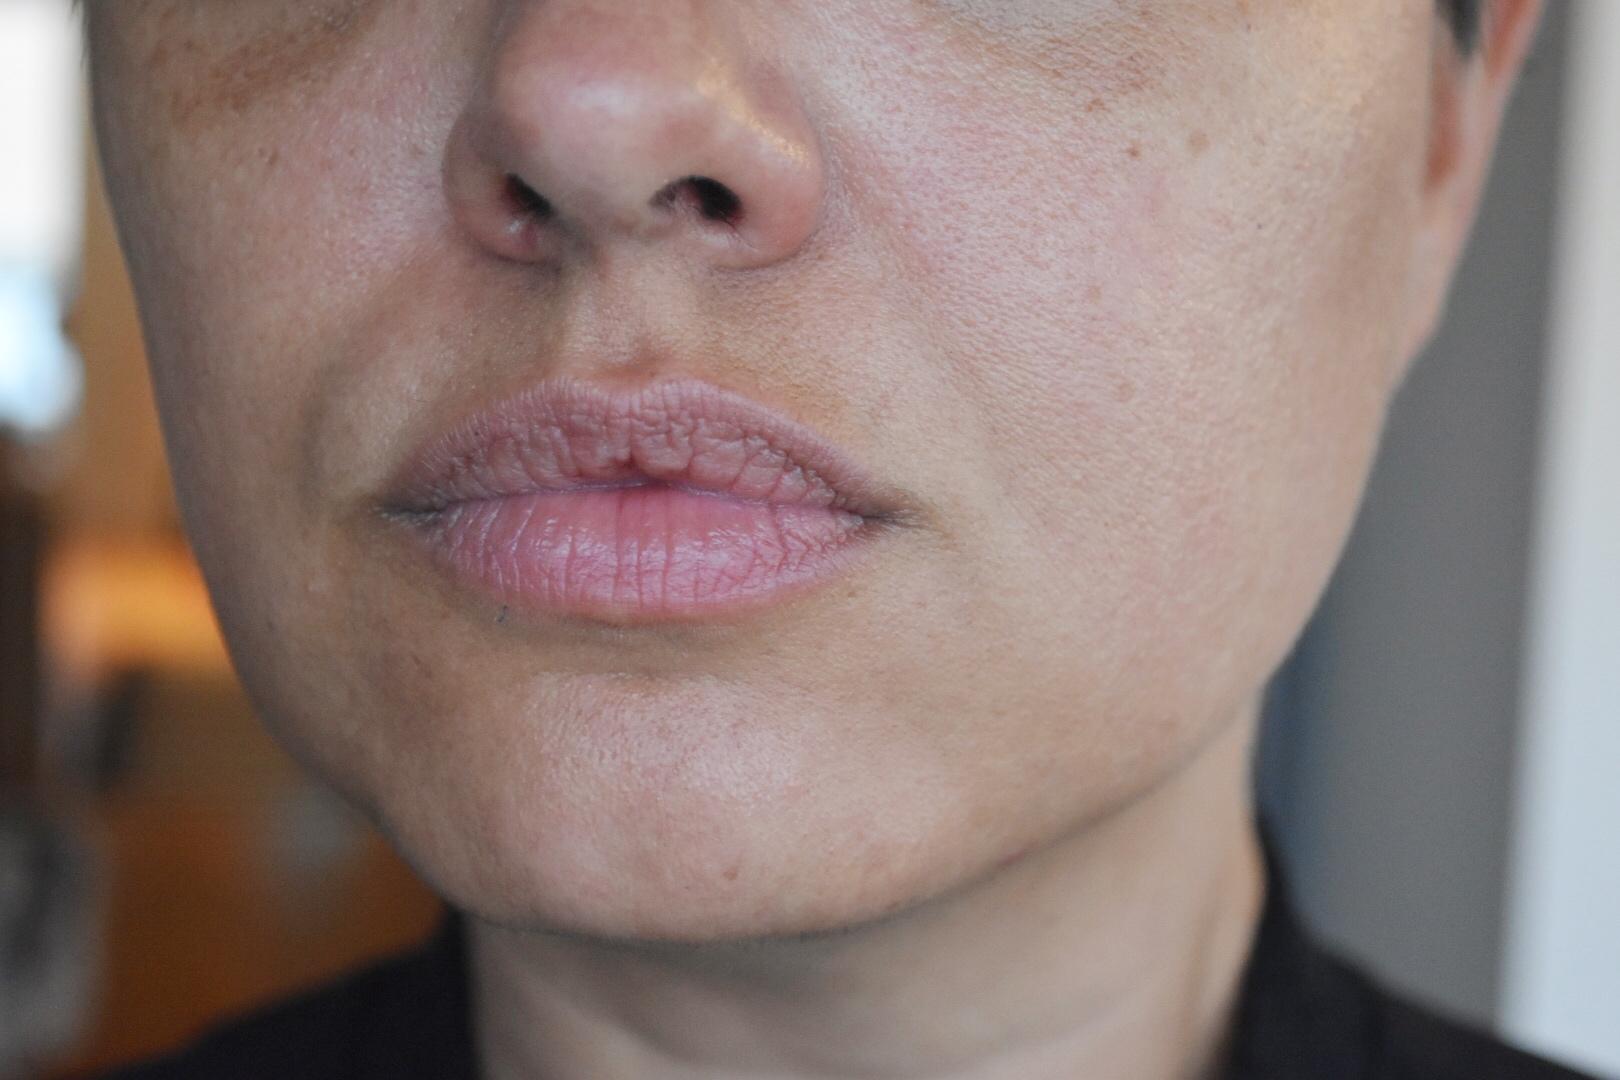 oönskad hårväxt i ansiktet